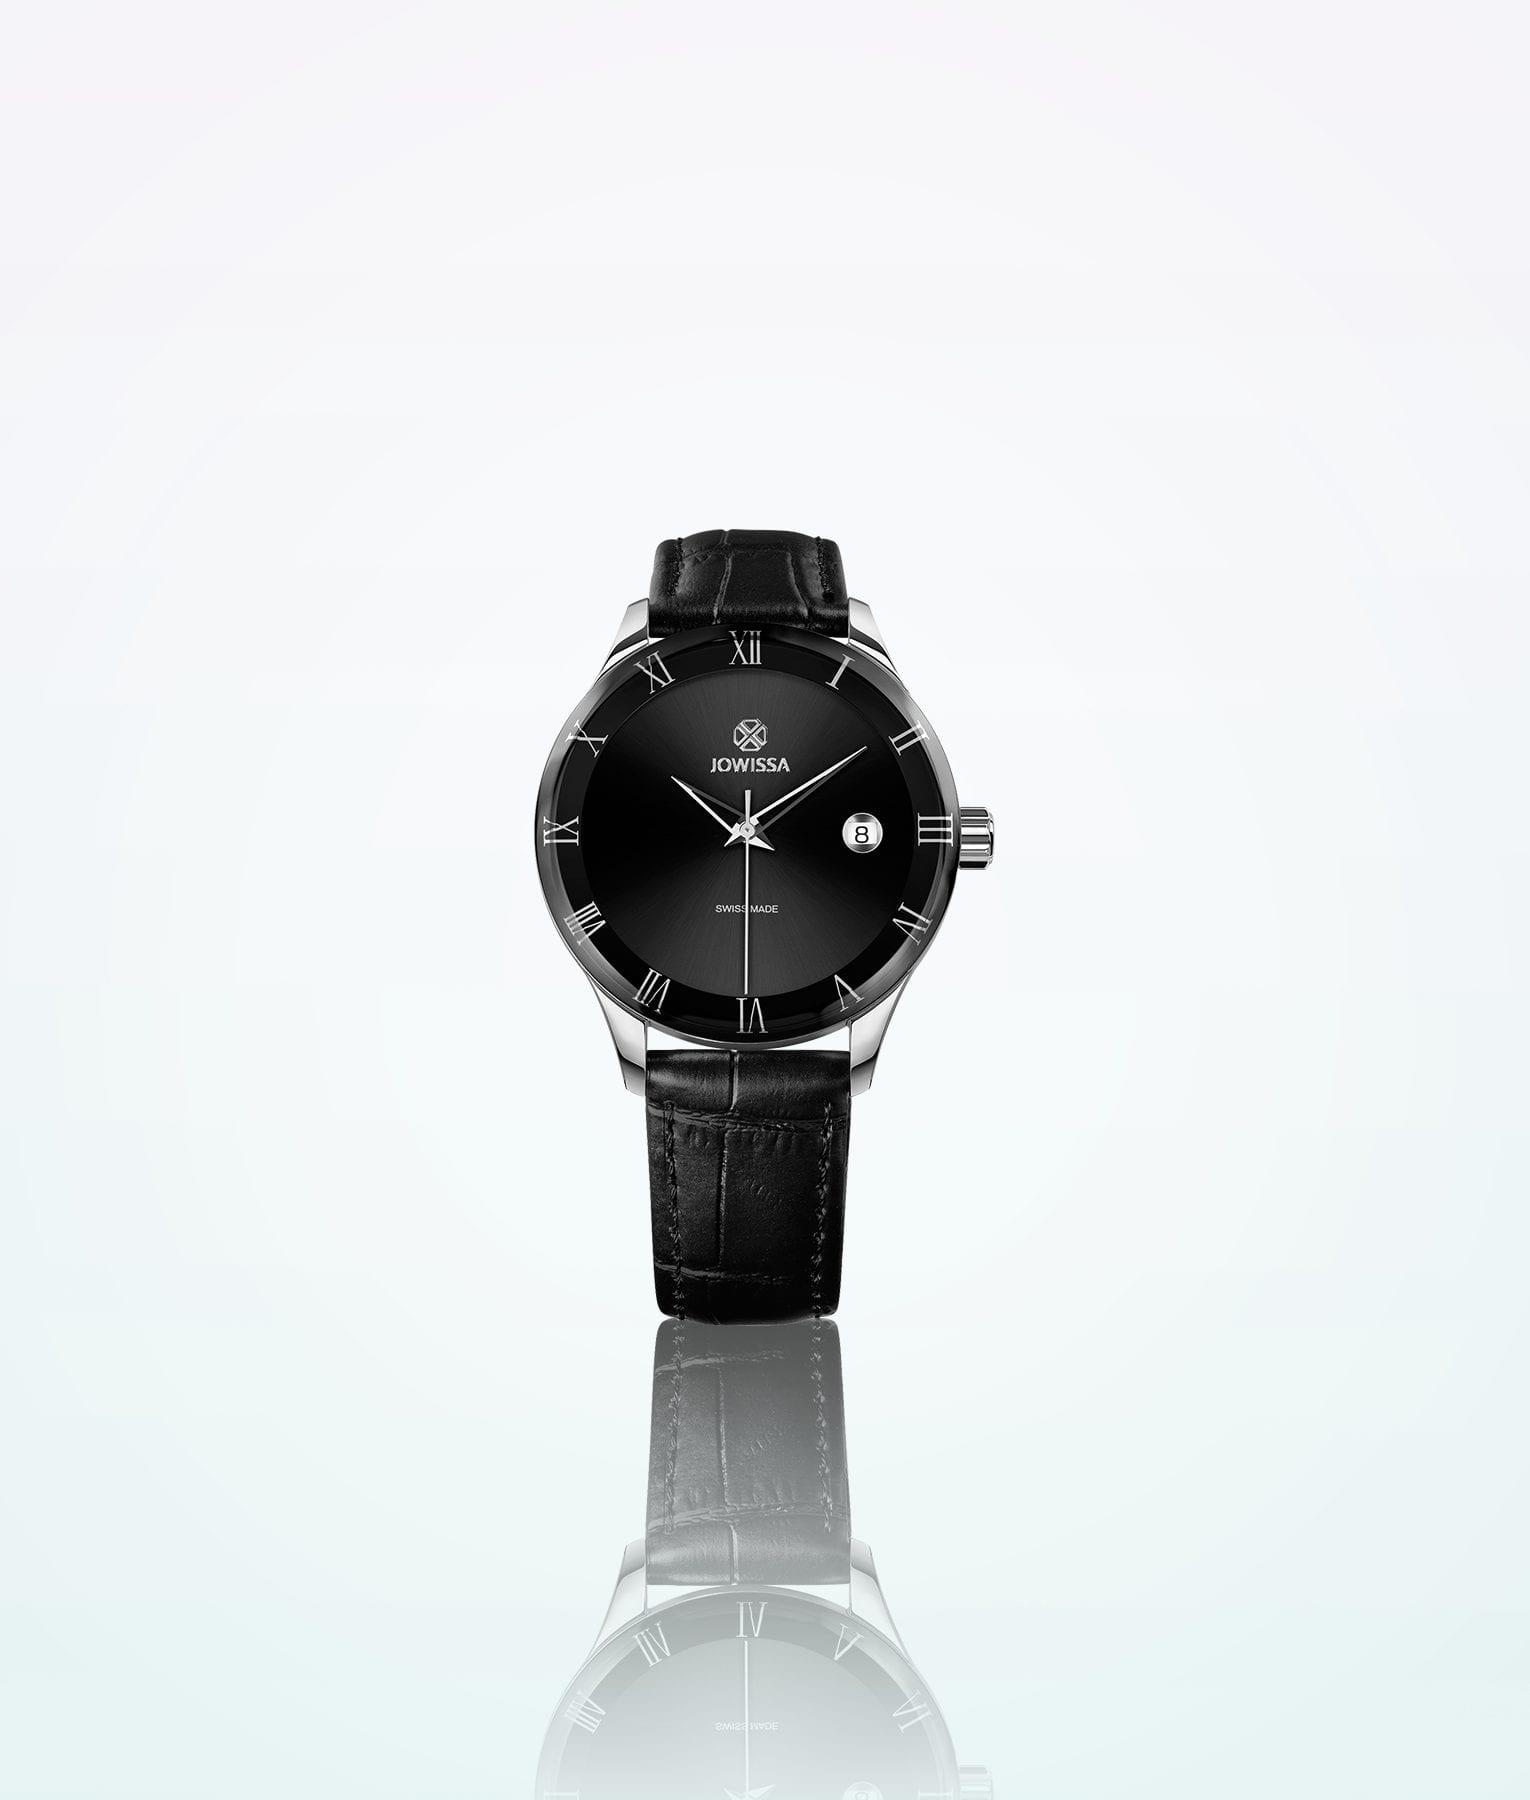 jowissa-romo-black-steel-women-wristwatch